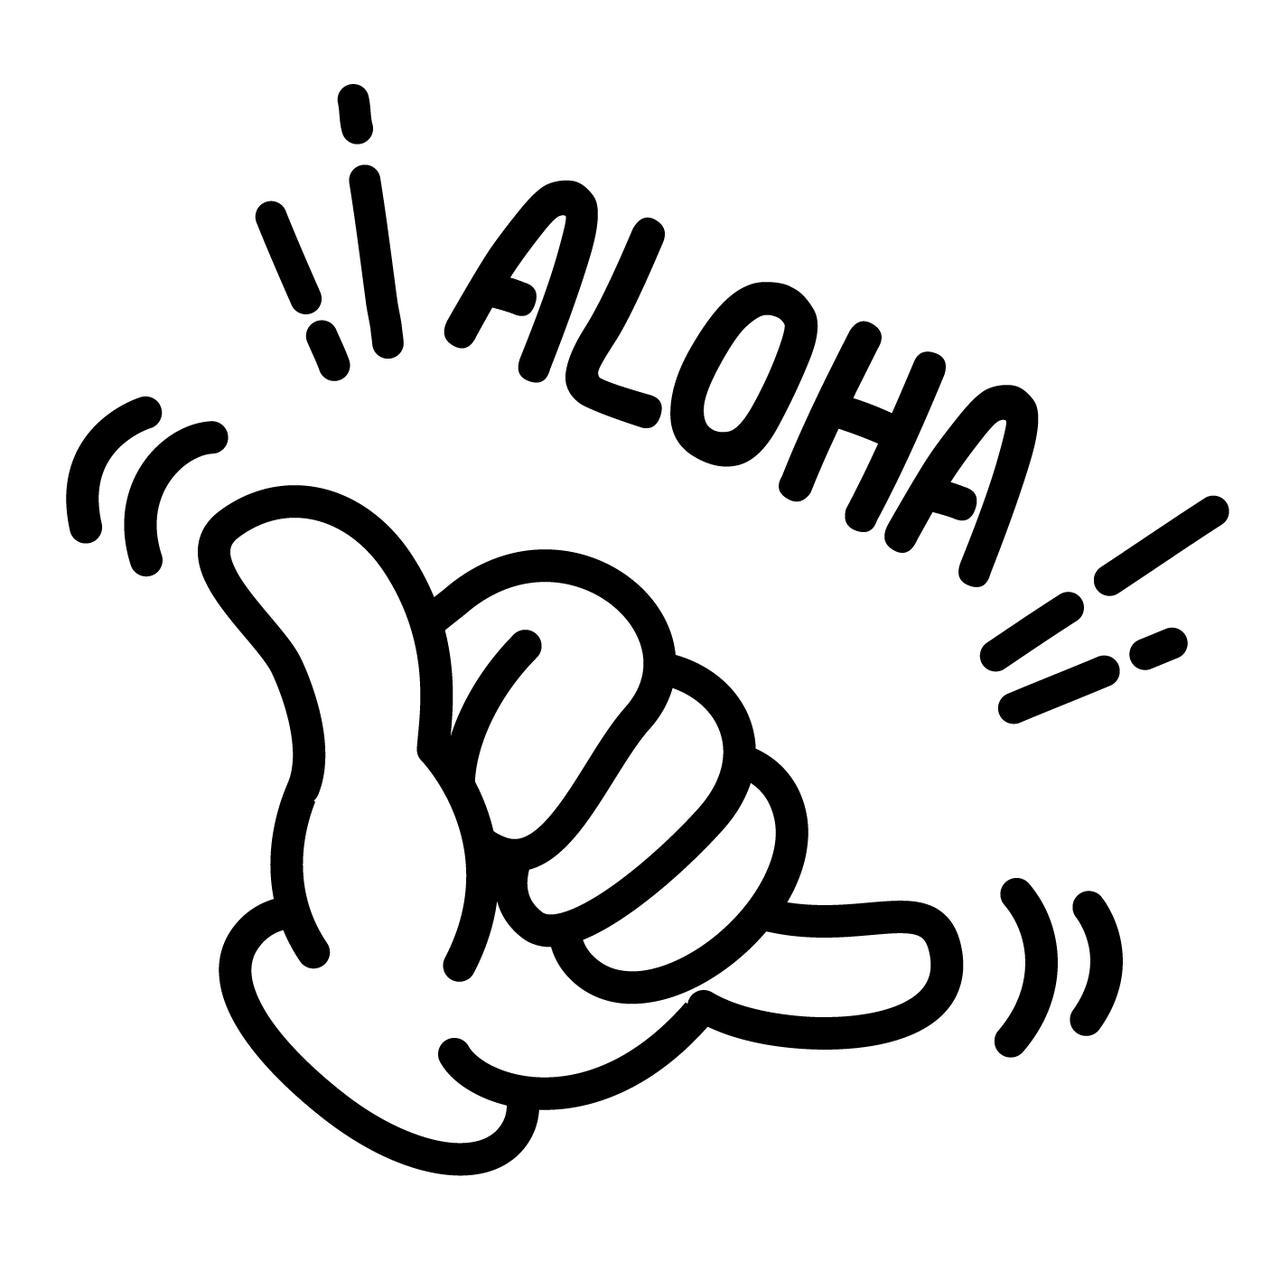 画像14: 〔添乗員ブログ〕楽園ハワイの横顔・歴史旅<第2回> 『南の楽園ハワイの戦国武将!?カメハメハ大王とハワイ王国・後編』 【好奇心で旅する海外】<歴史の時間>